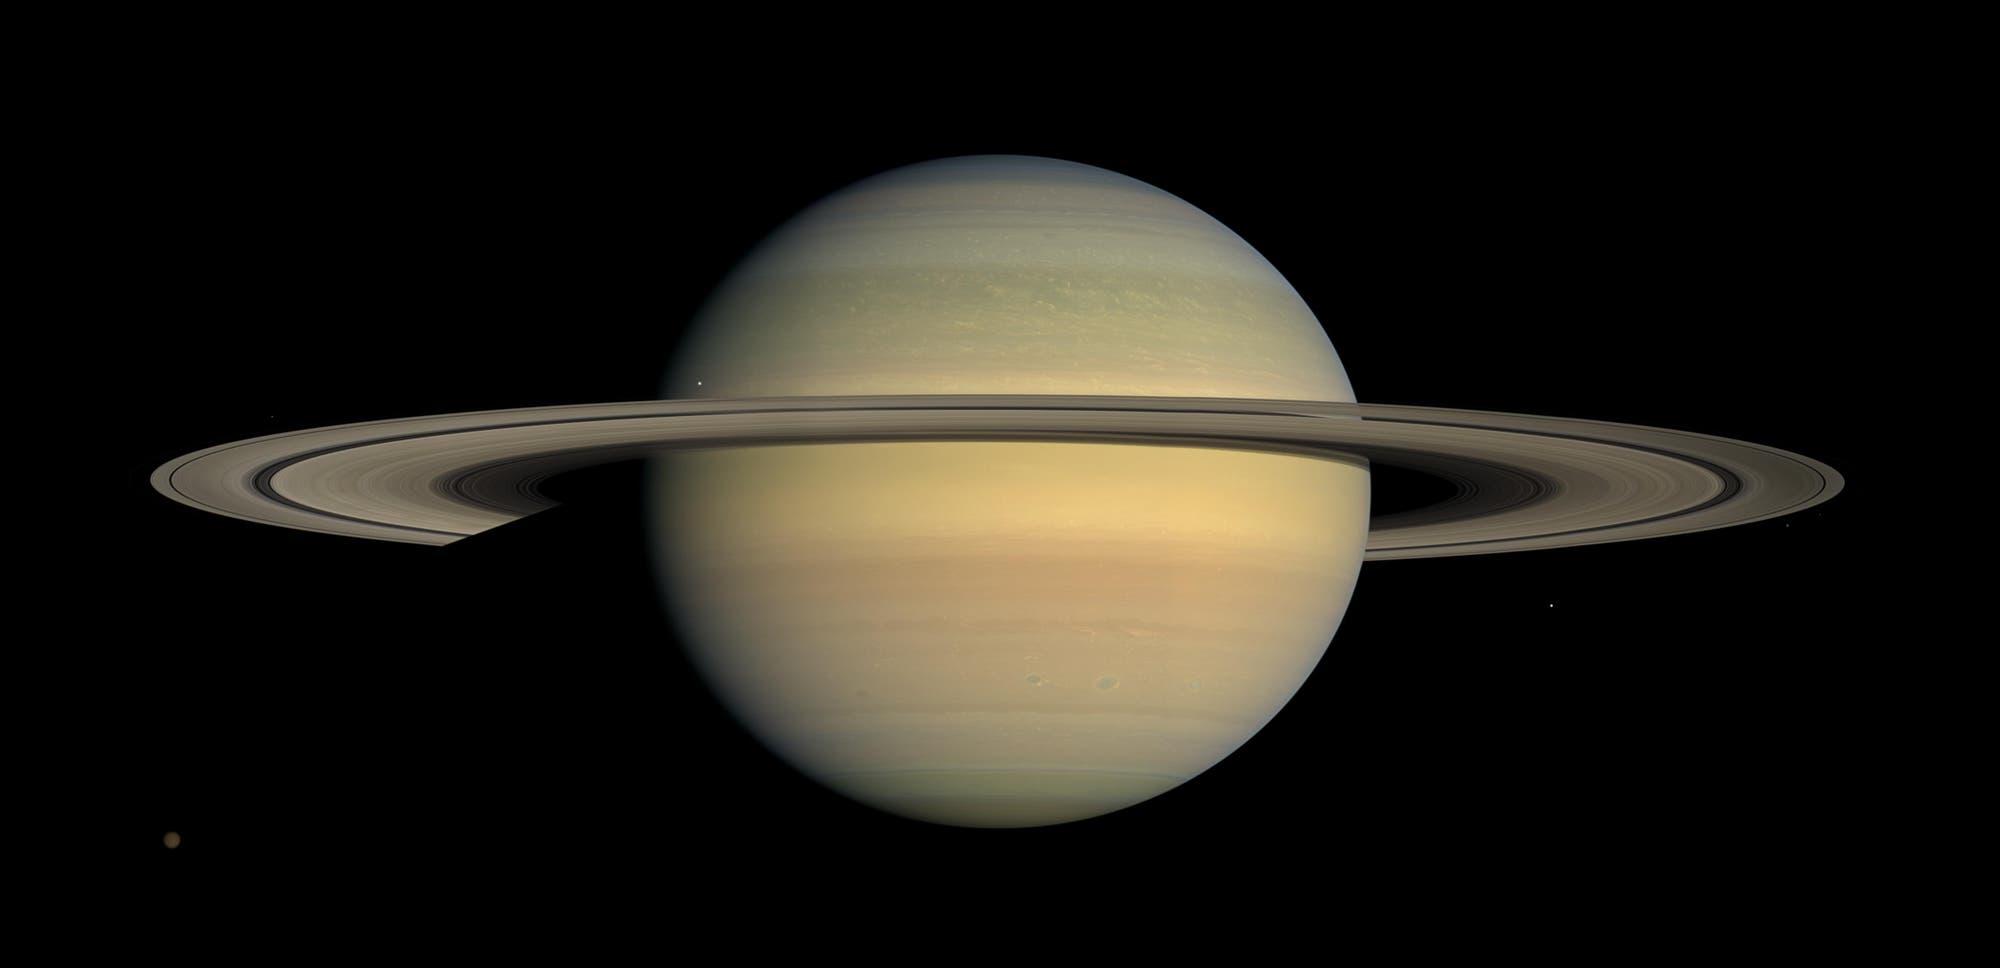 Der Ringplanet Saturn (Cassini-Aufnahme)